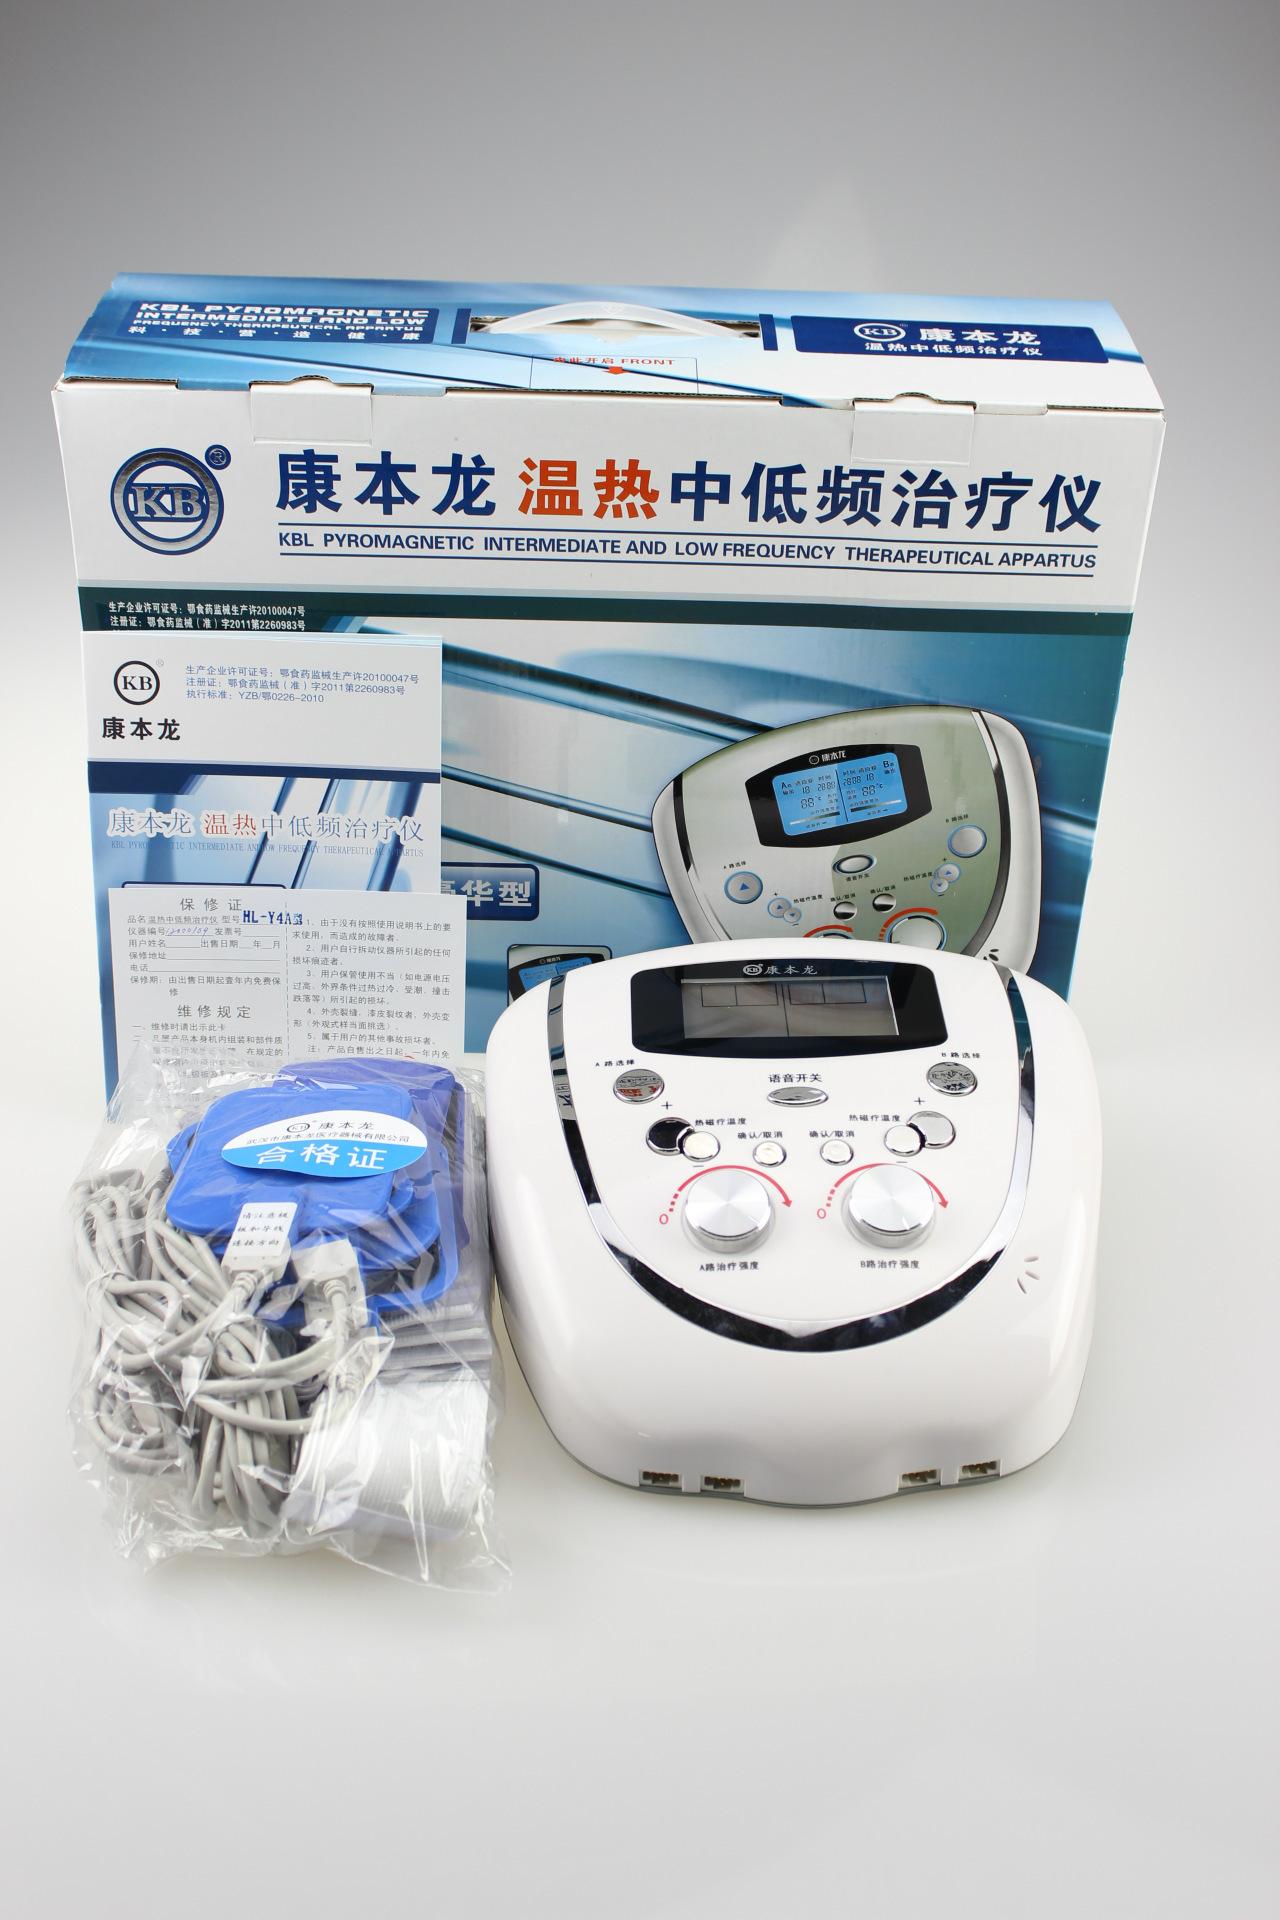 家用多功能温热中低频治疗仪HL-Y4A_产品配件